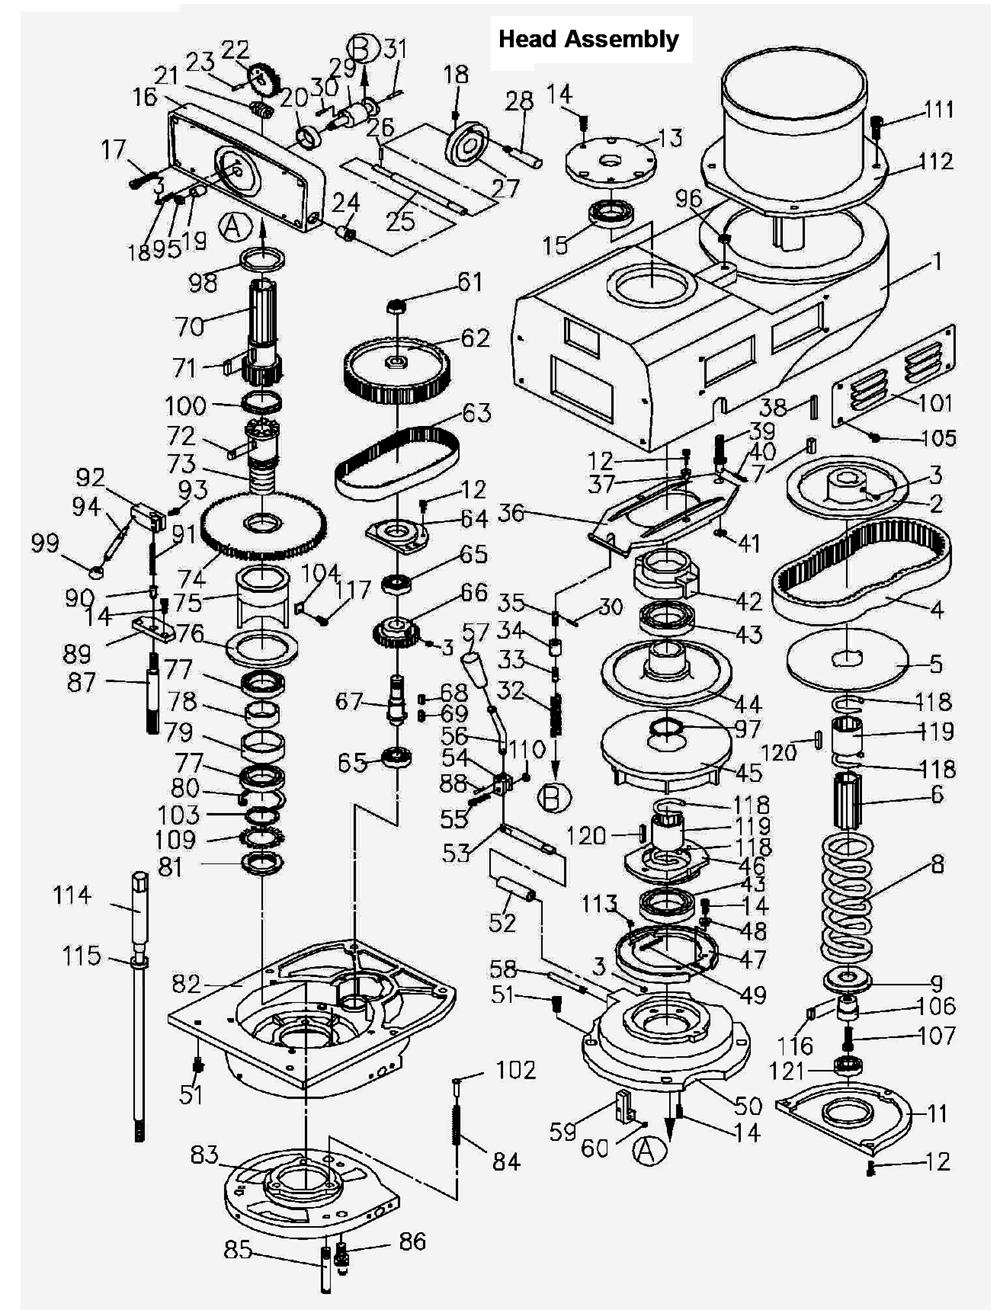 medium resolution of jet mill wiring diagram